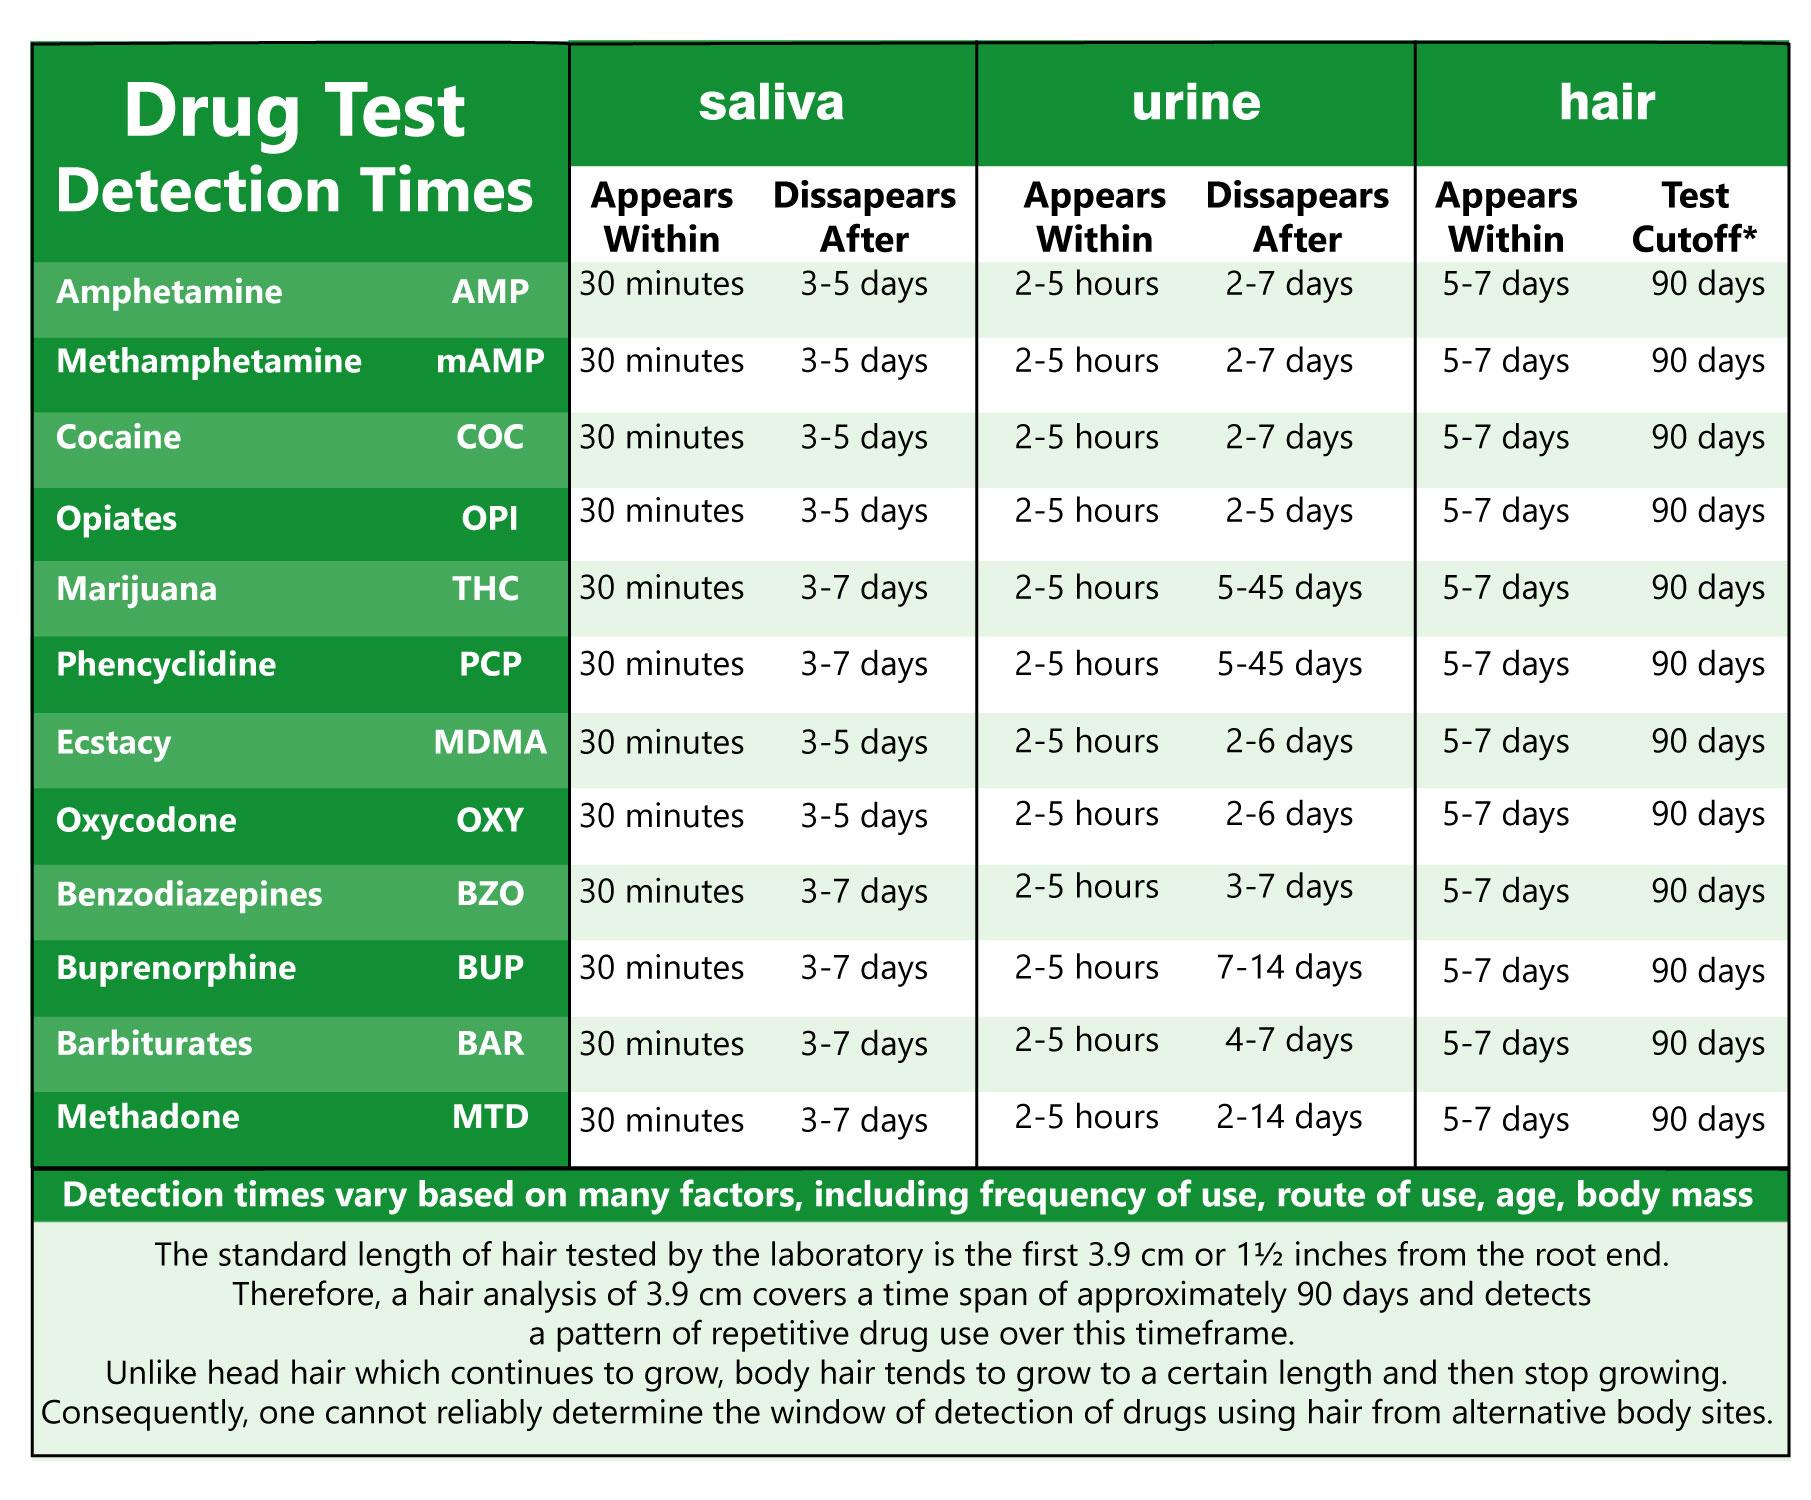 usine saliva end hair drug test detection times